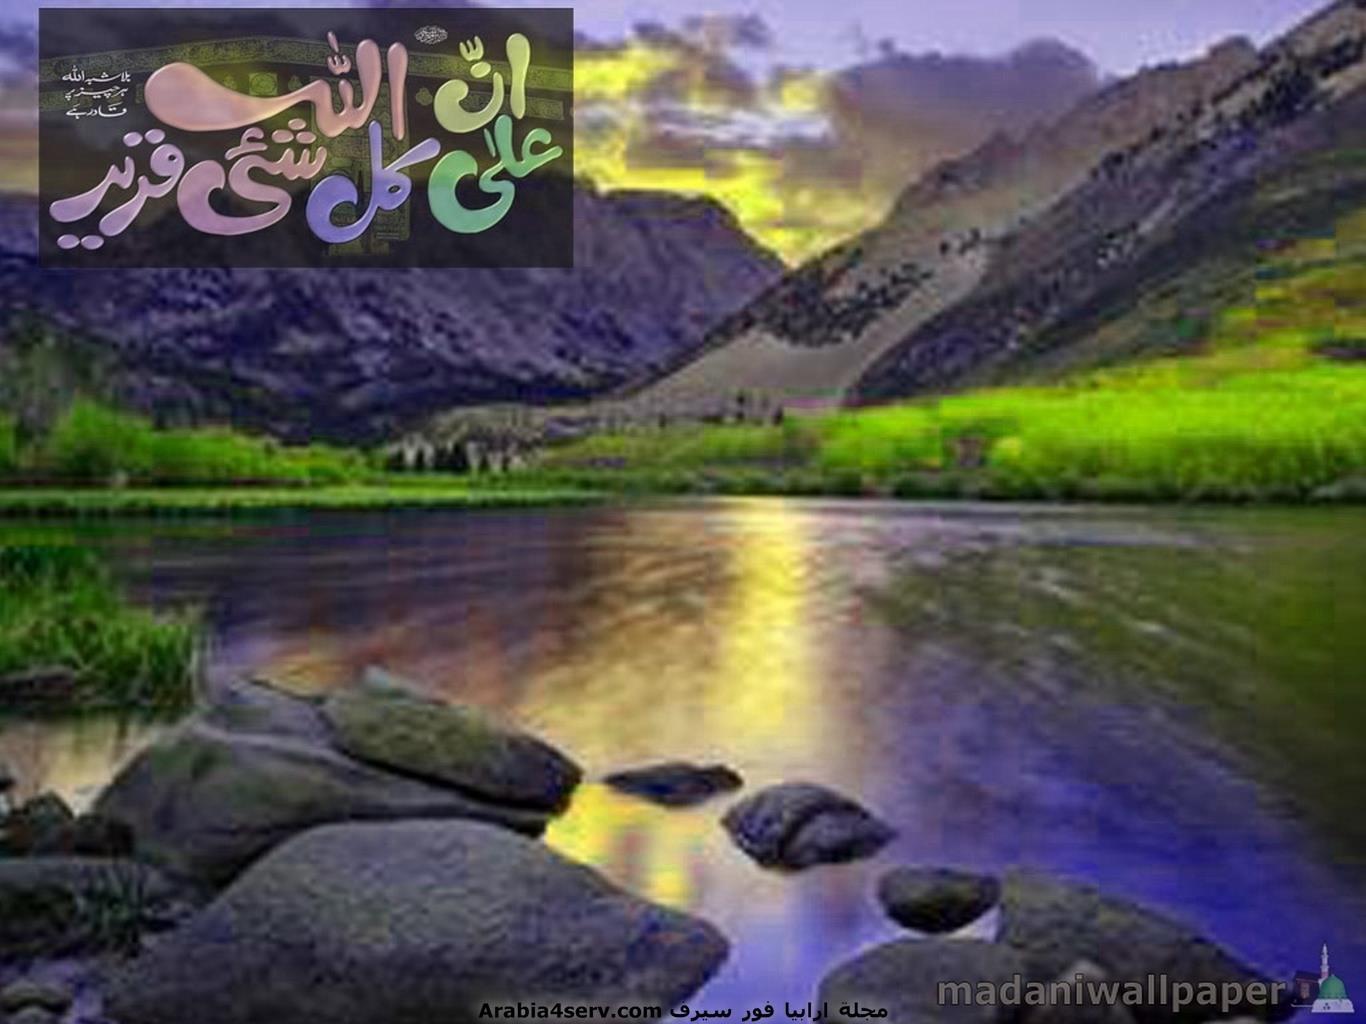 خلفيات-اسلامية-طبيعية-للتحميل-جميلة-جدا-6